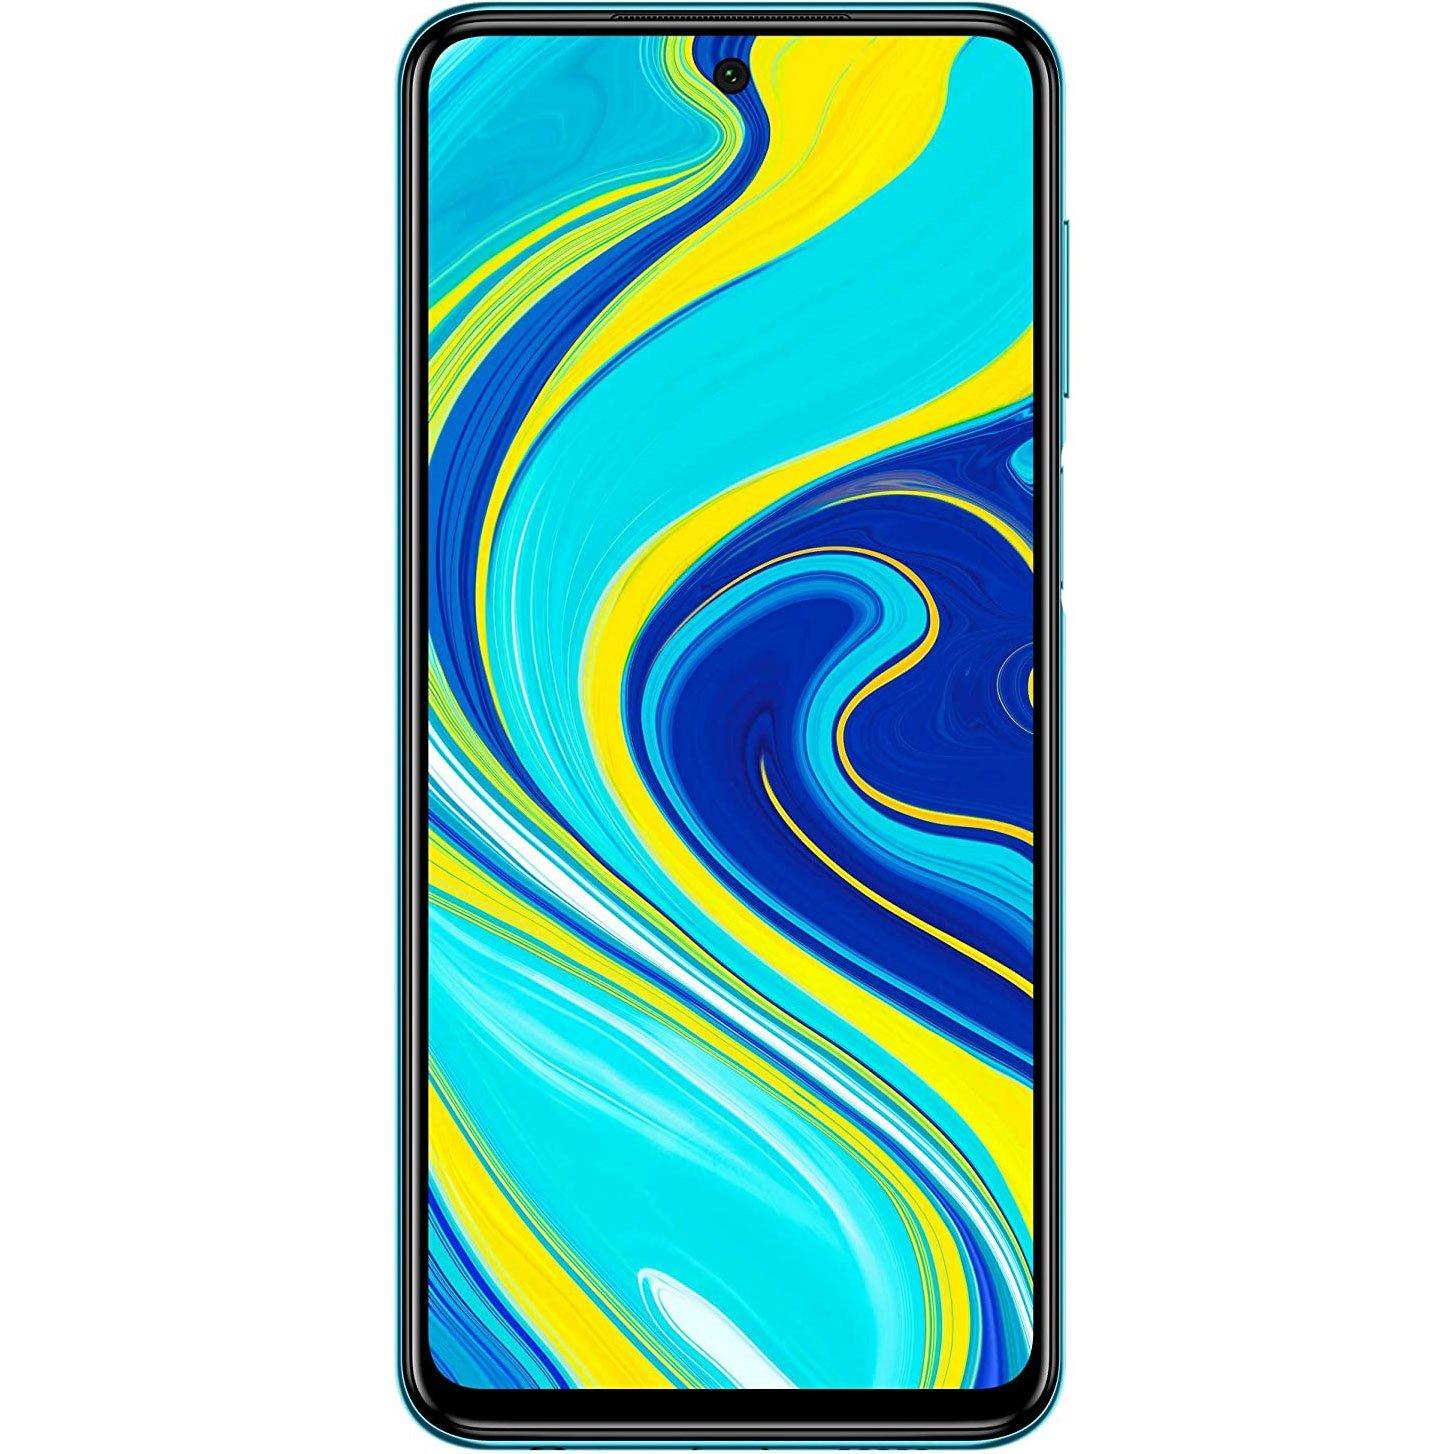 Telefon mobil Xiaomi Redmi Note 9 Pro, Dual SIM, 64GB, 4GB RAM, 4G, Aurora Blue